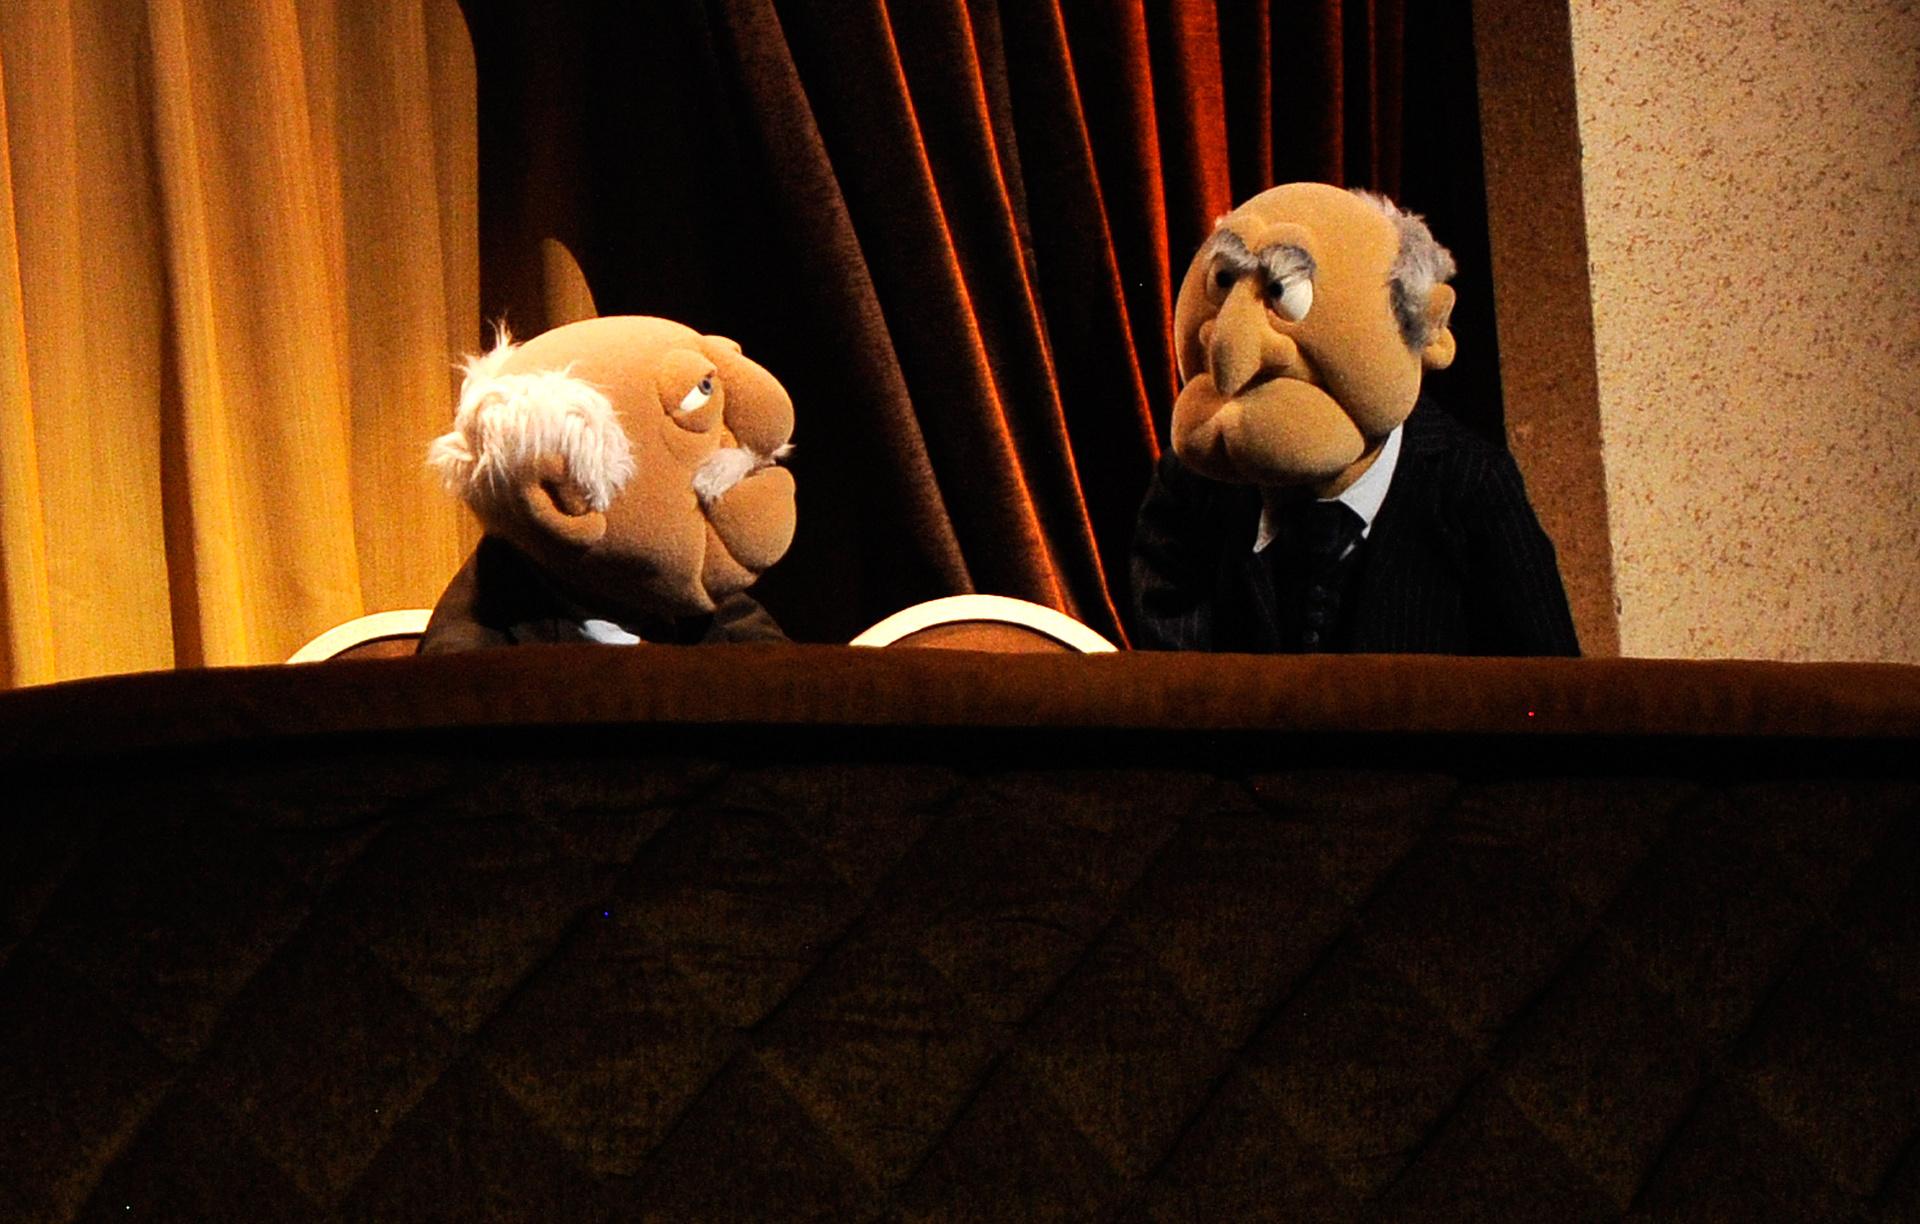 Lehet-e fütyülni az operában?